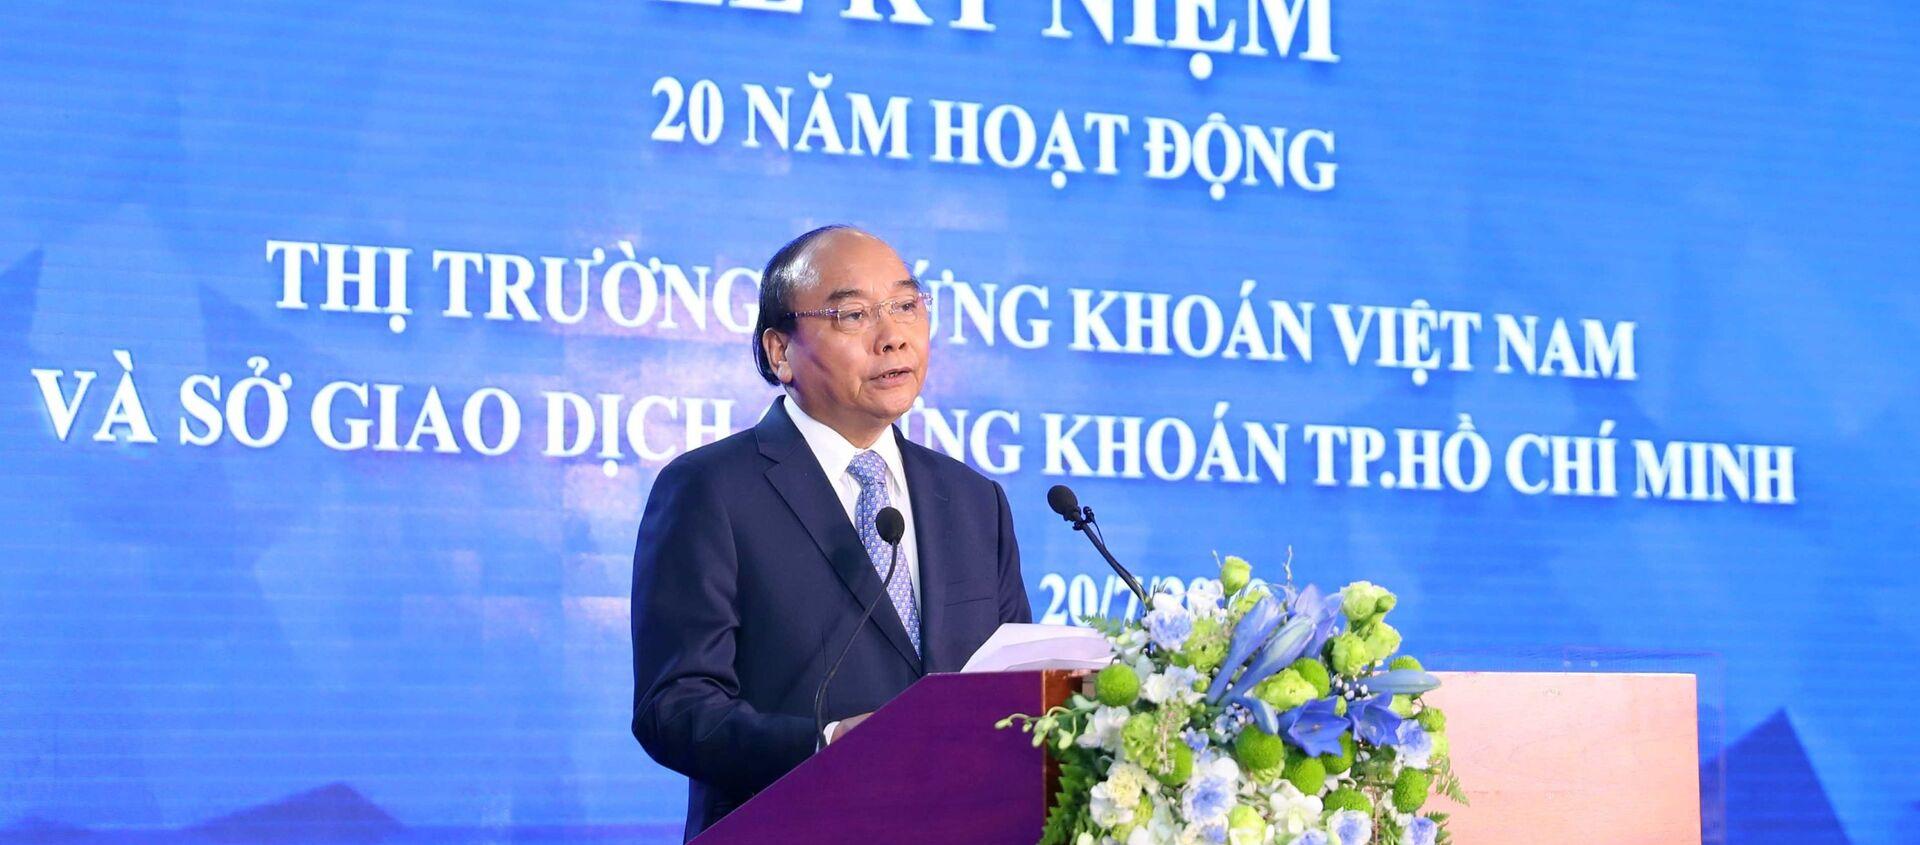 Thủ tướng Nguyễn Xuân Phúc phát biểu tại buổi lễ. - Sputnik Việt Nam, 1920, 20.07.2020